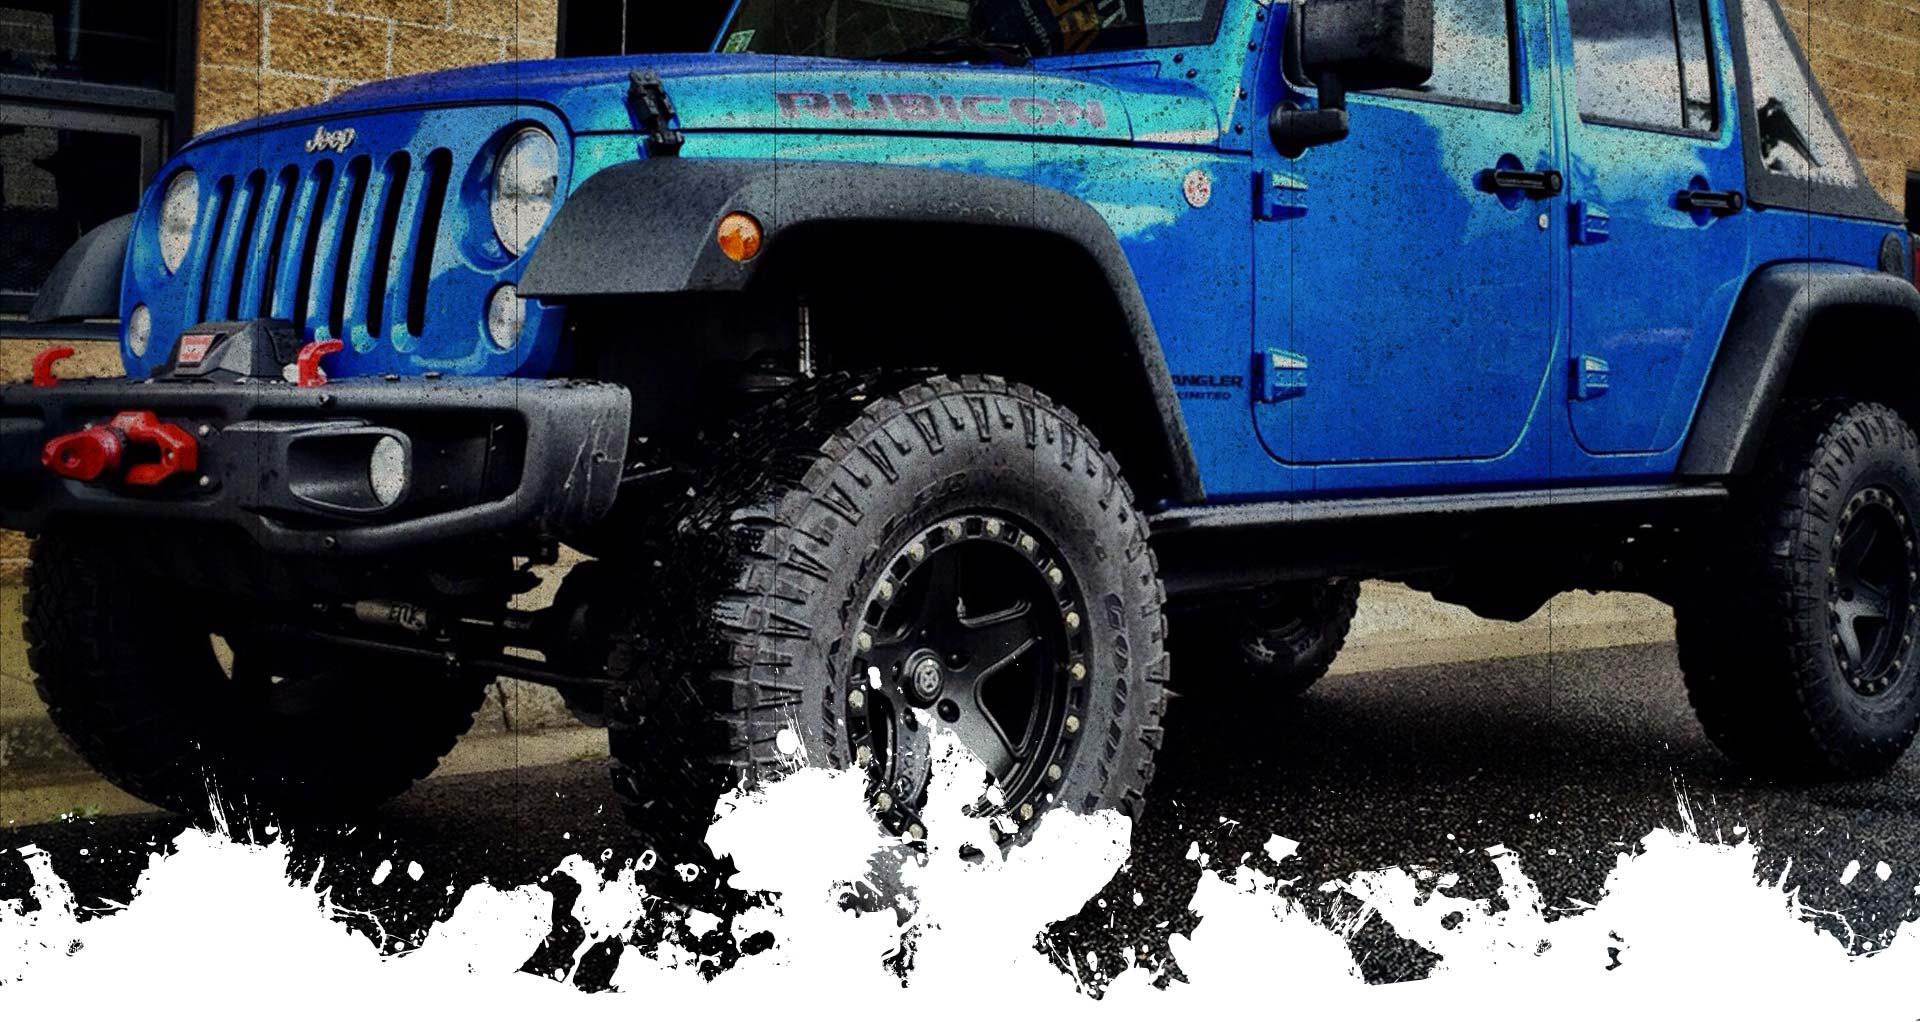 Assetto omologato Jeep Wrangler Jk con paraurti